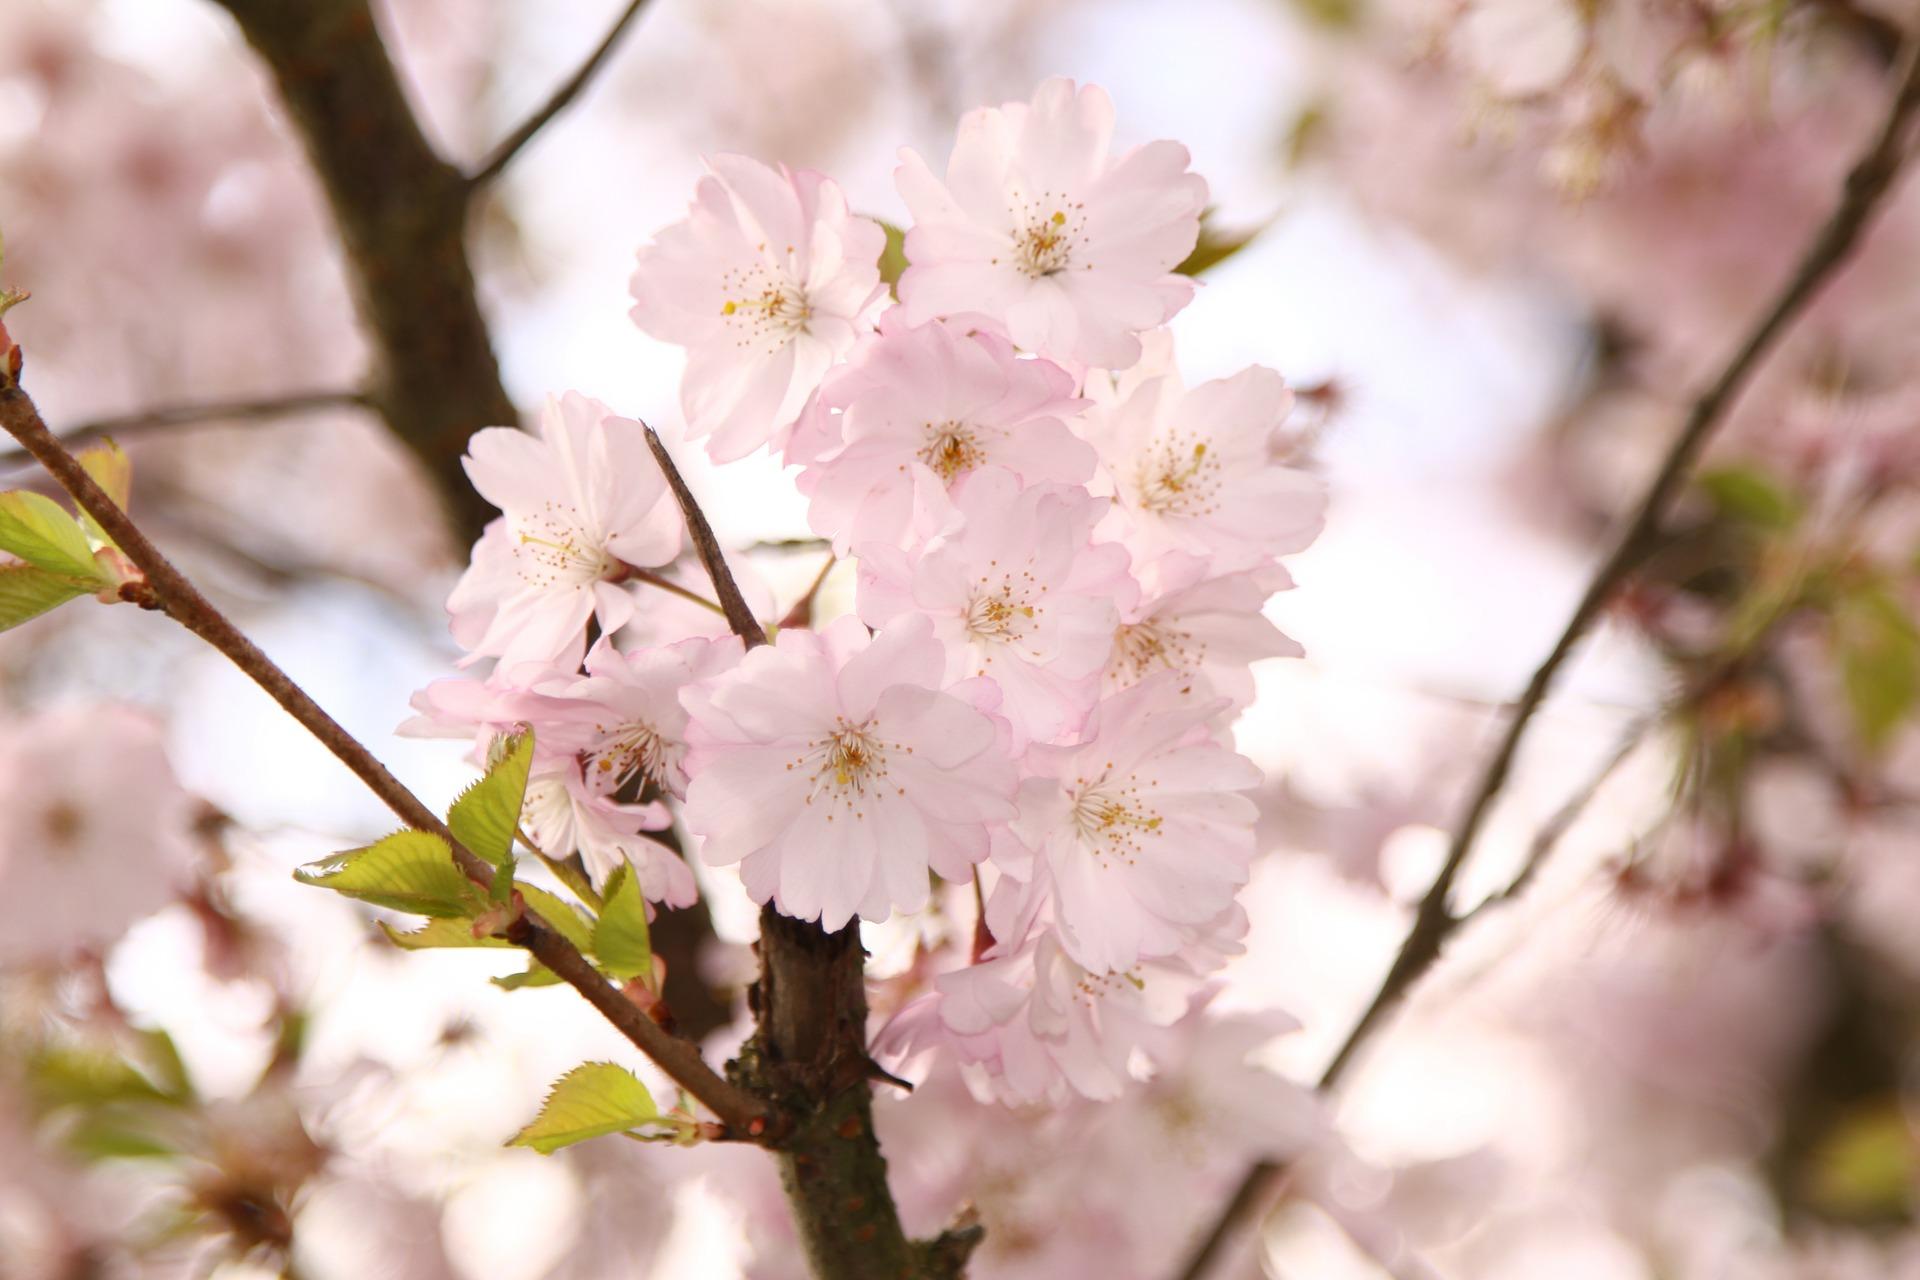 【毎日風水】3月27日の運気アップのおすすめ風水